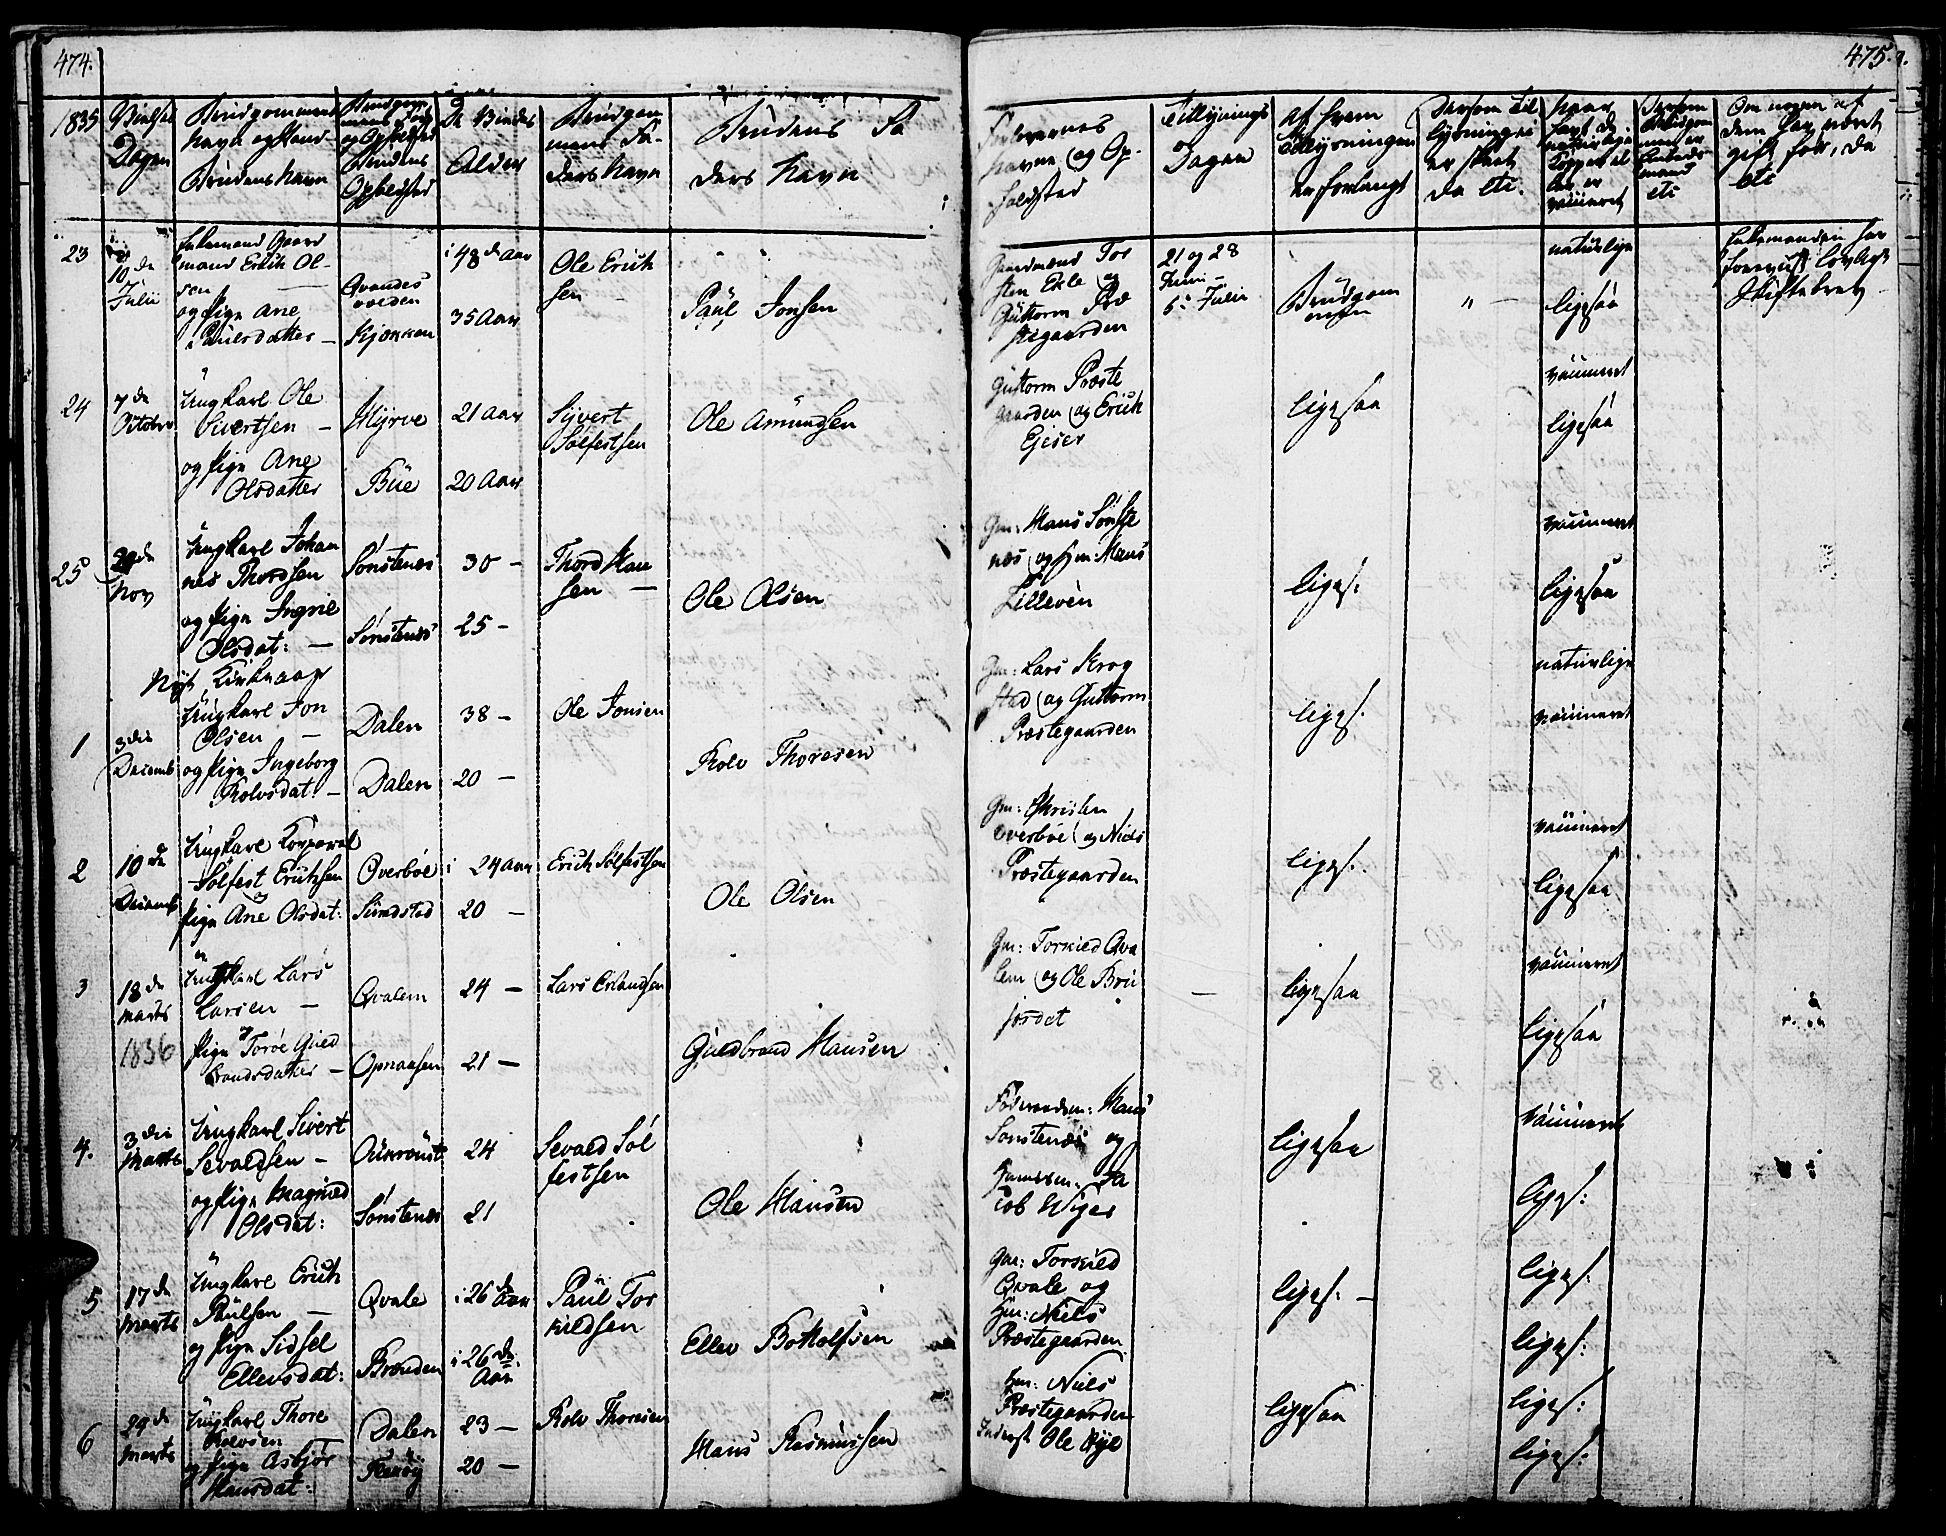 SAH, Lom prestekontor, K/L0005: Ministerialbok nr. 5, 1825-1837, s. 474-475